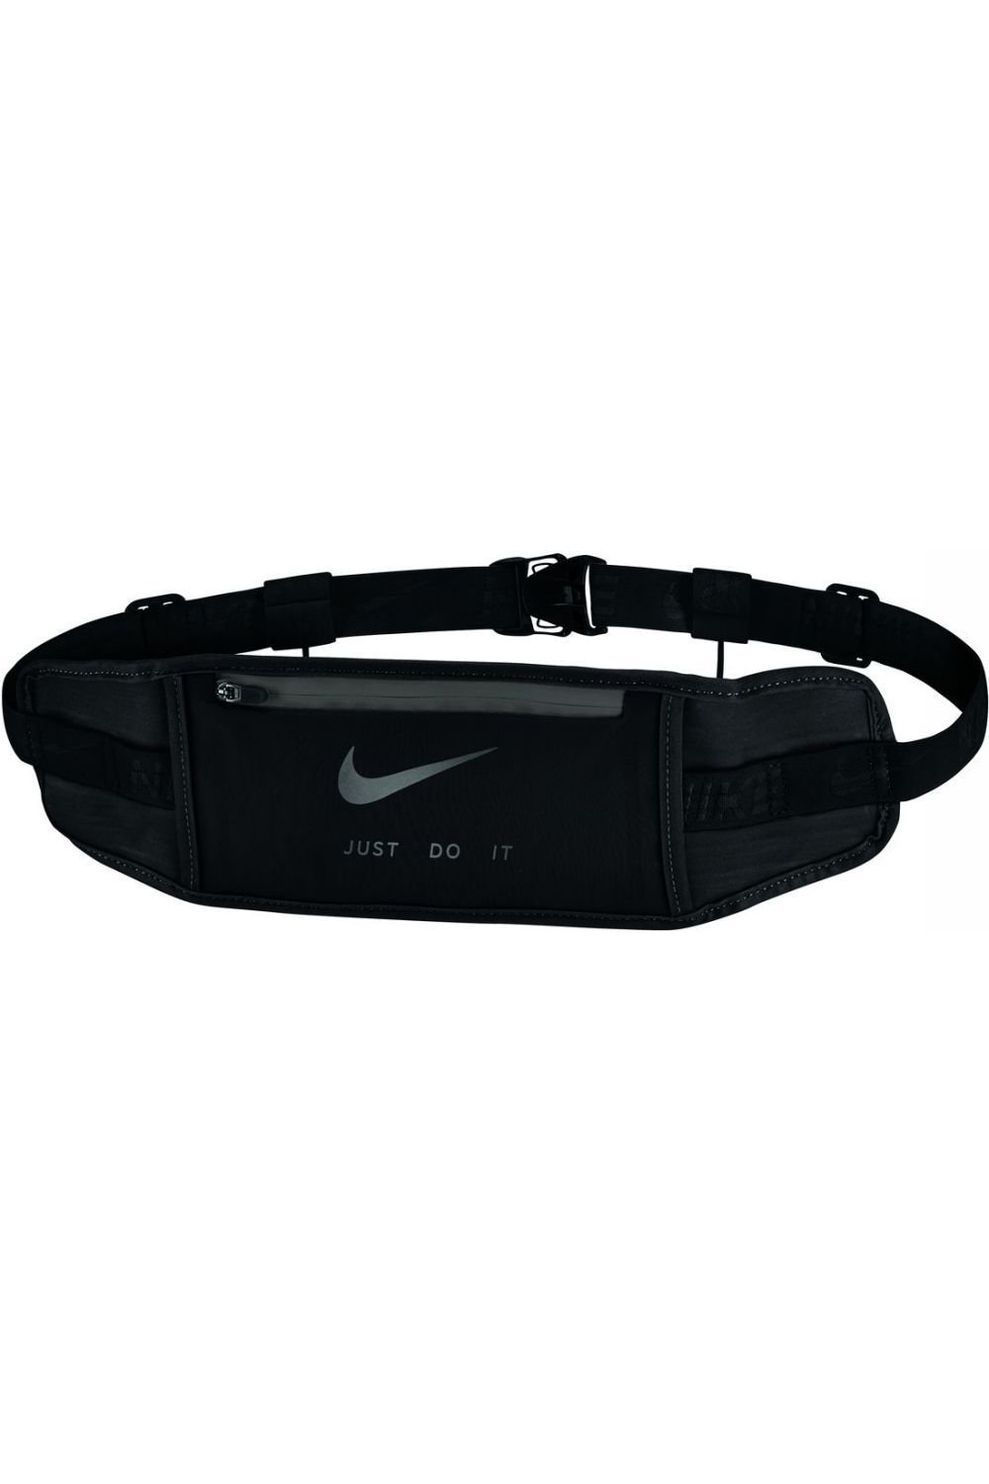 Nike Equipment Fitness Materiaal Race Day Waistpack - Zwart/Grijs